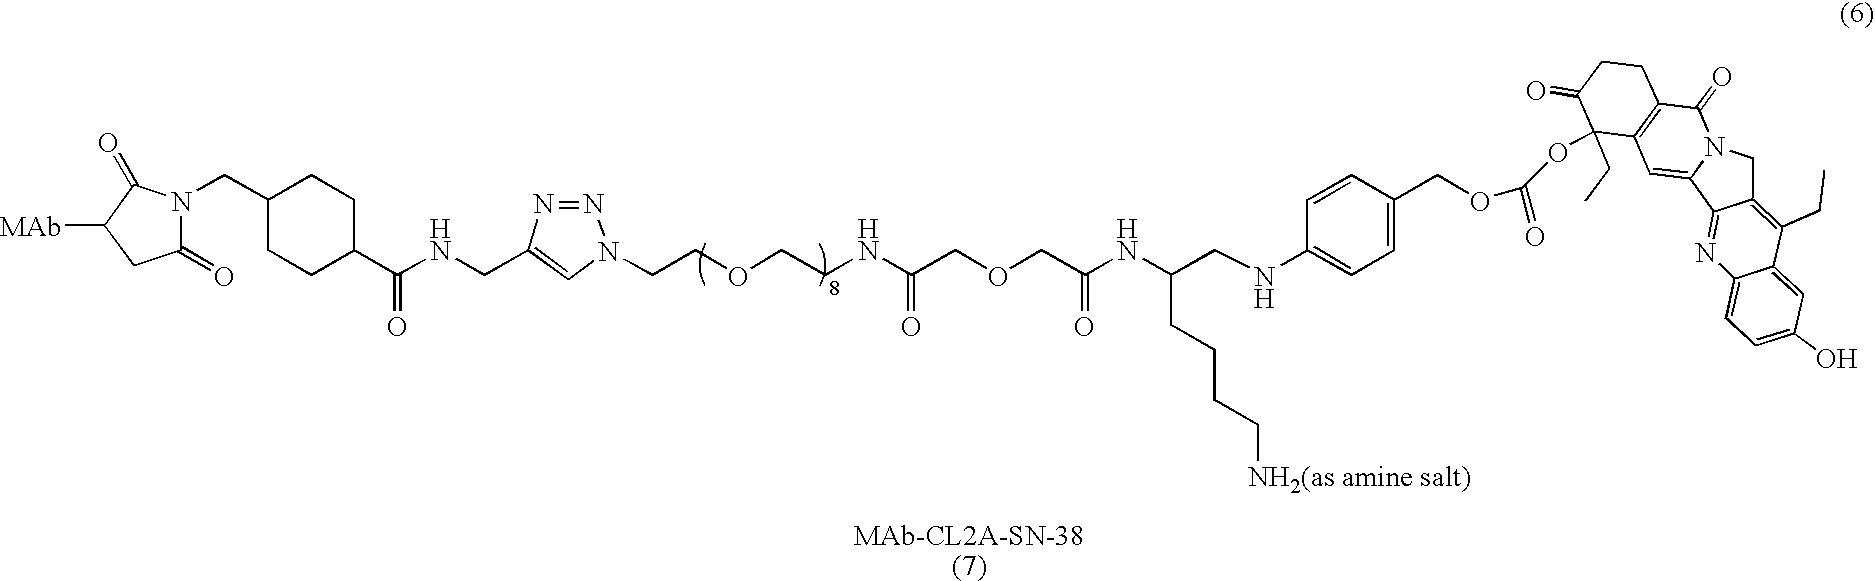 Figure US20100104589A1-20100429-C00005